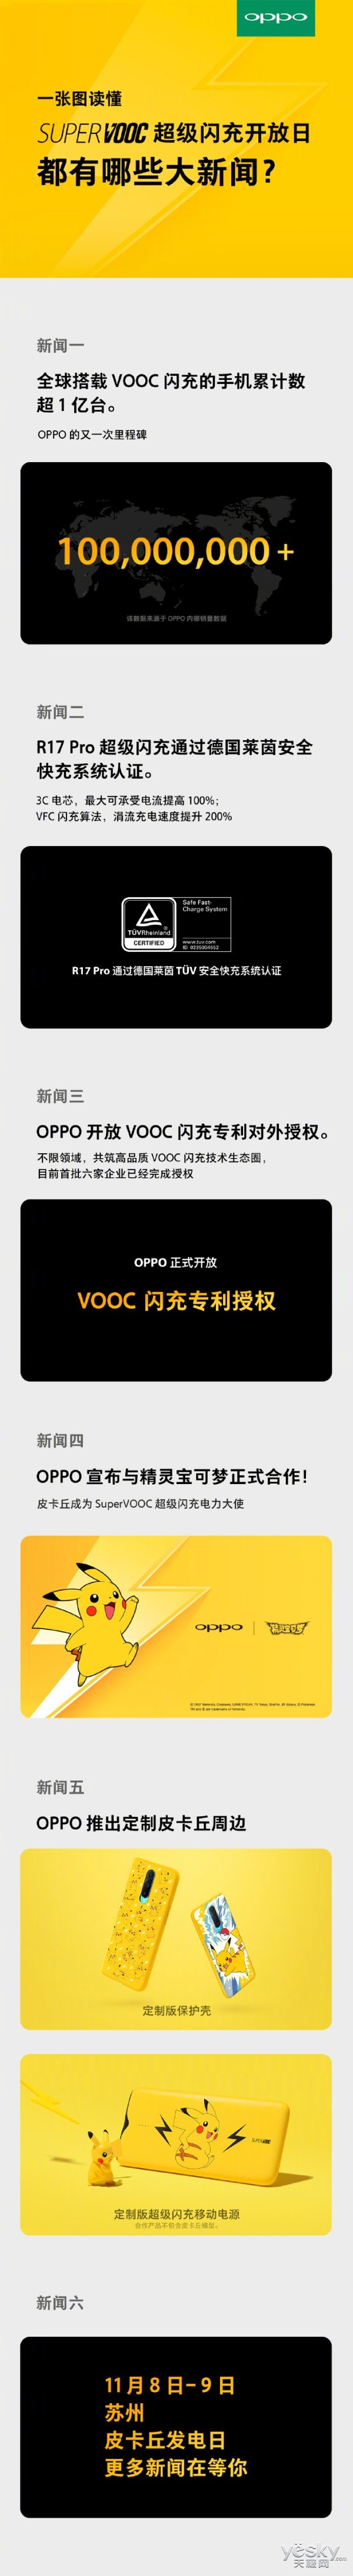 重磅!OPPO宣布开放VOOC闪充专利授权,OPPO R17 Pro秒变皮卡丘